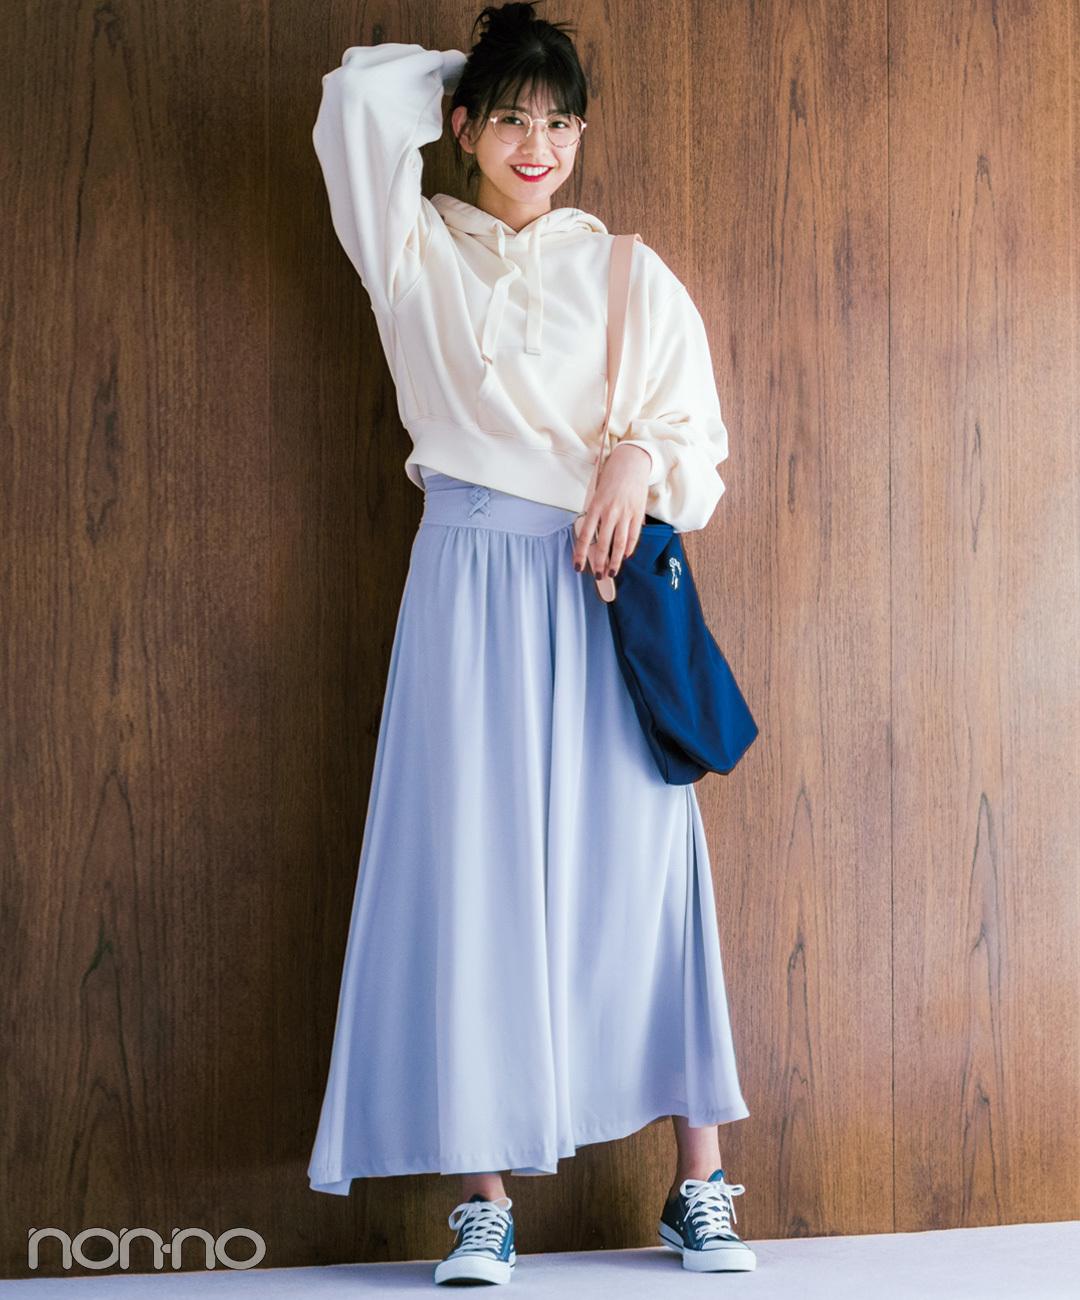 渡邉理佐はきれい色スカーチョをパーカでラフに!【毎日コーデ】